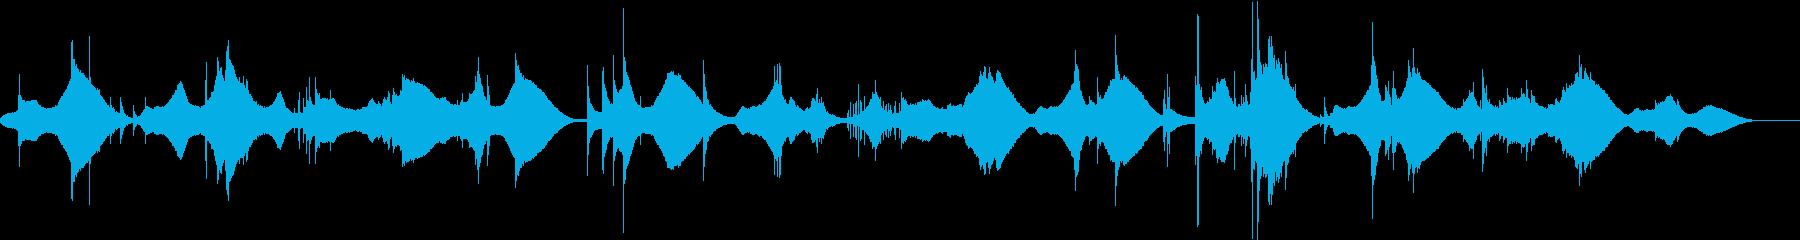 現代的で主張を抑えたアンビエントの再生済みの波形